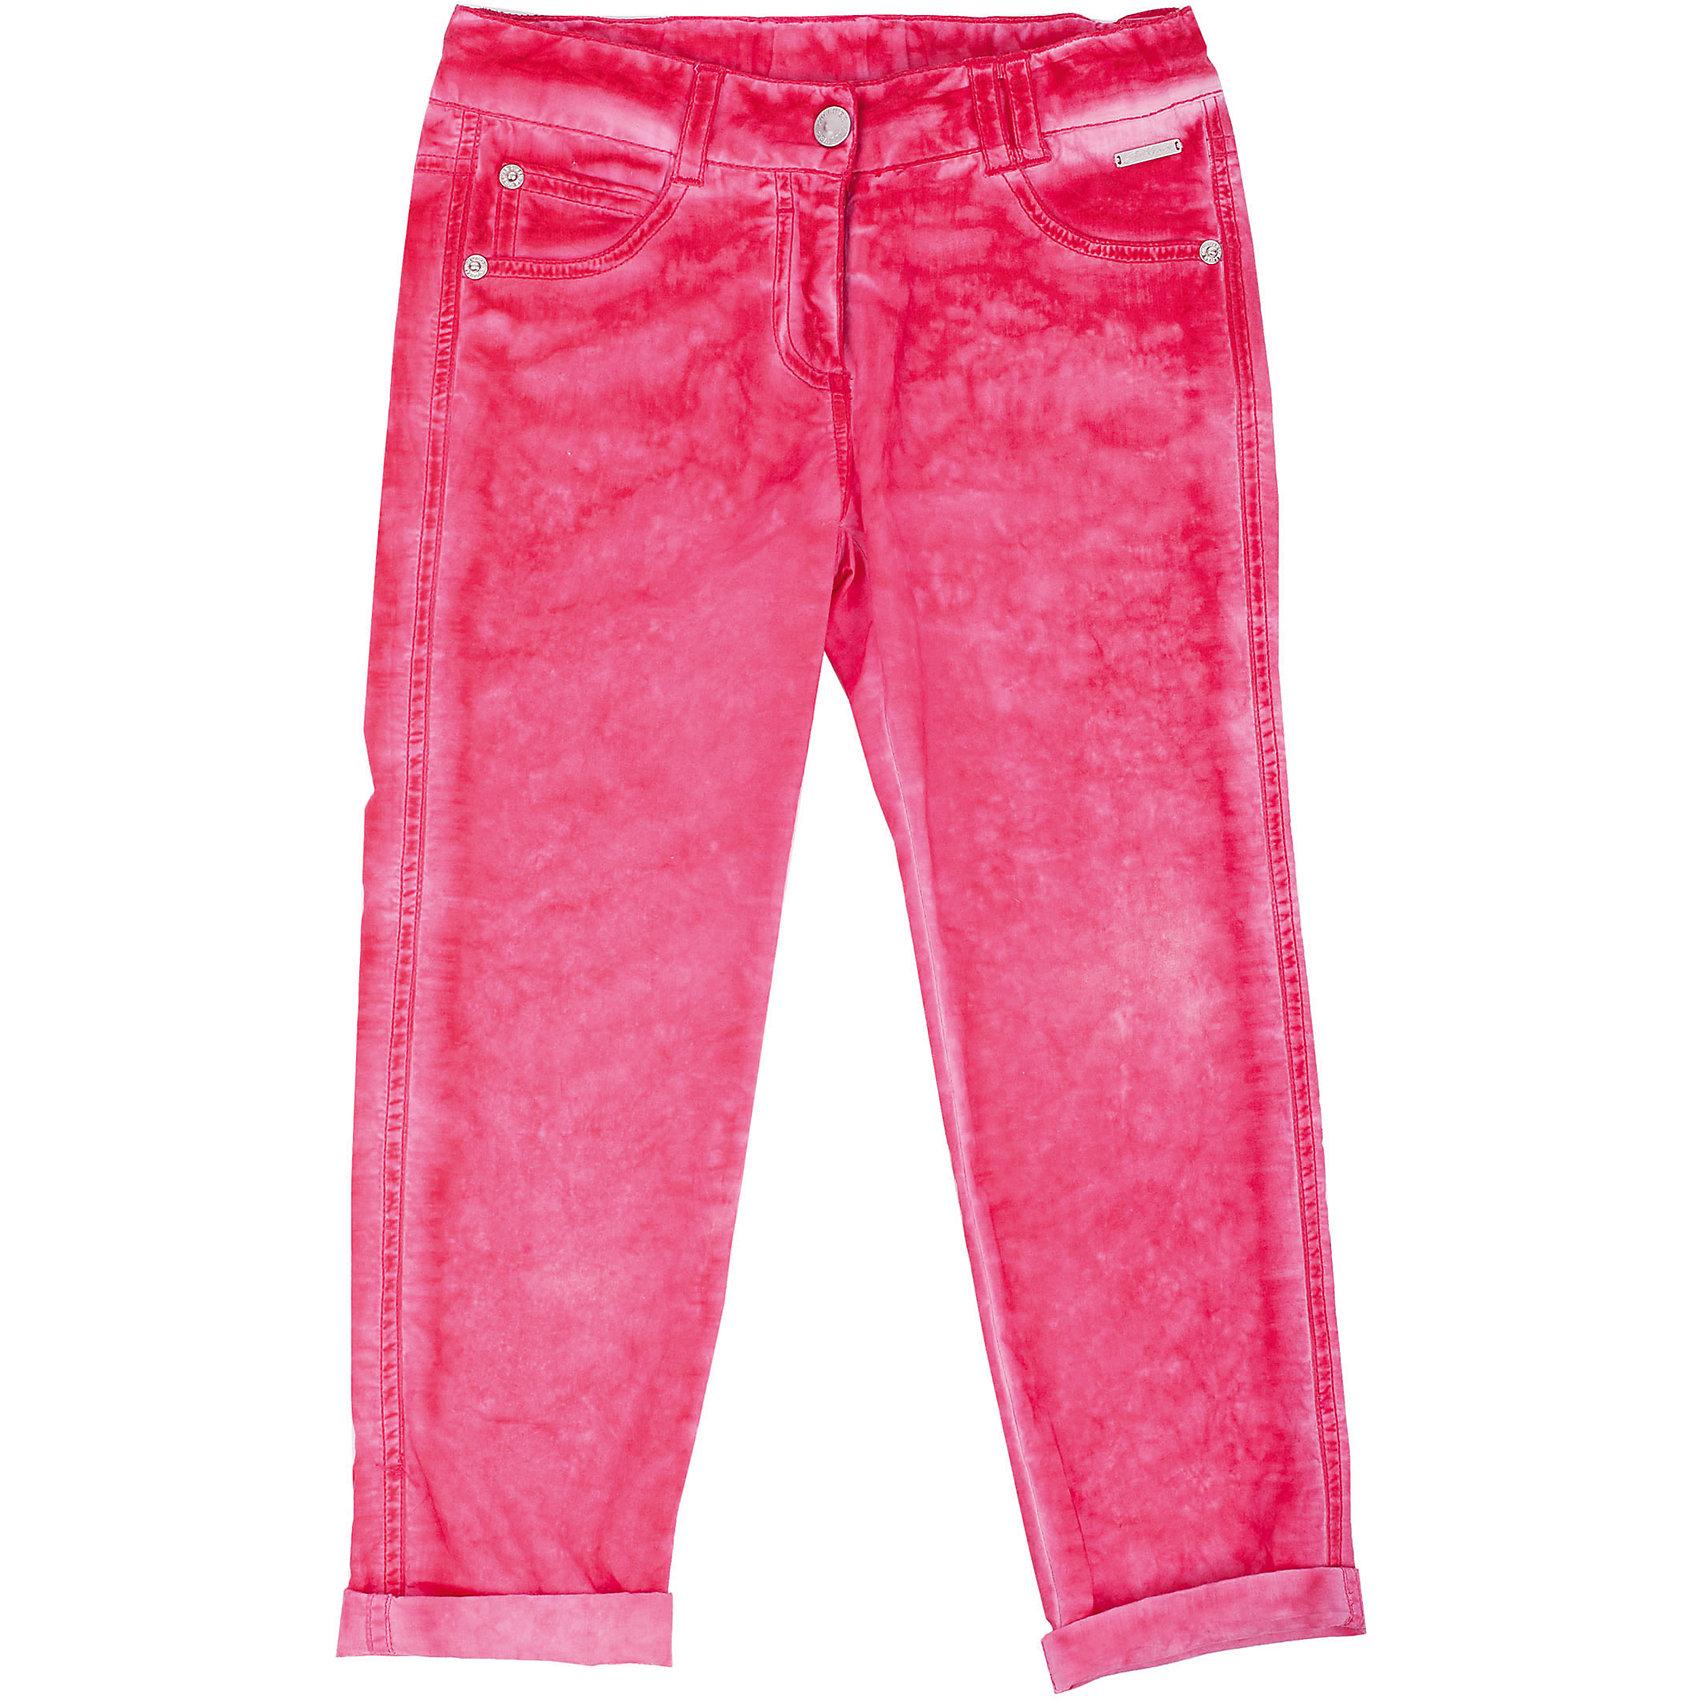 Брюки для девочки GulliverБрюки<br>Модные брюки – незаменимая часть гардероба девочки. Тонкие и легкие, выполненные из 100% хлопка, они сделают каждый день солнечным и комфортным! Если вы решили купить брюки, обратите внимание именно на эту модель! Актуальное неравномерное крашение, мягкость и удобство в носке позволят наслаждаться каждым летним днем. Брюки яркого насыщенного цвета, являясь отличным компаньоном для красивой многослойной комбинации с орнаментальными моделями коллекции, настроят на позитив и создадут отличное настроение.<br>Состав:<br>100% хлопок<br><br>Ширина мм: 215<br>Глубина мм: 88<br>Высота мм: 191<br>Вес г: 336<br>Цвет: розовый<br>Возраст от месяцев: 72<br>Возраст до месяцев: 84<br>Пол: Женский<br>Возраст: Детский<br>Размер: 122,110,116,98,104<br>SKU: 4534545